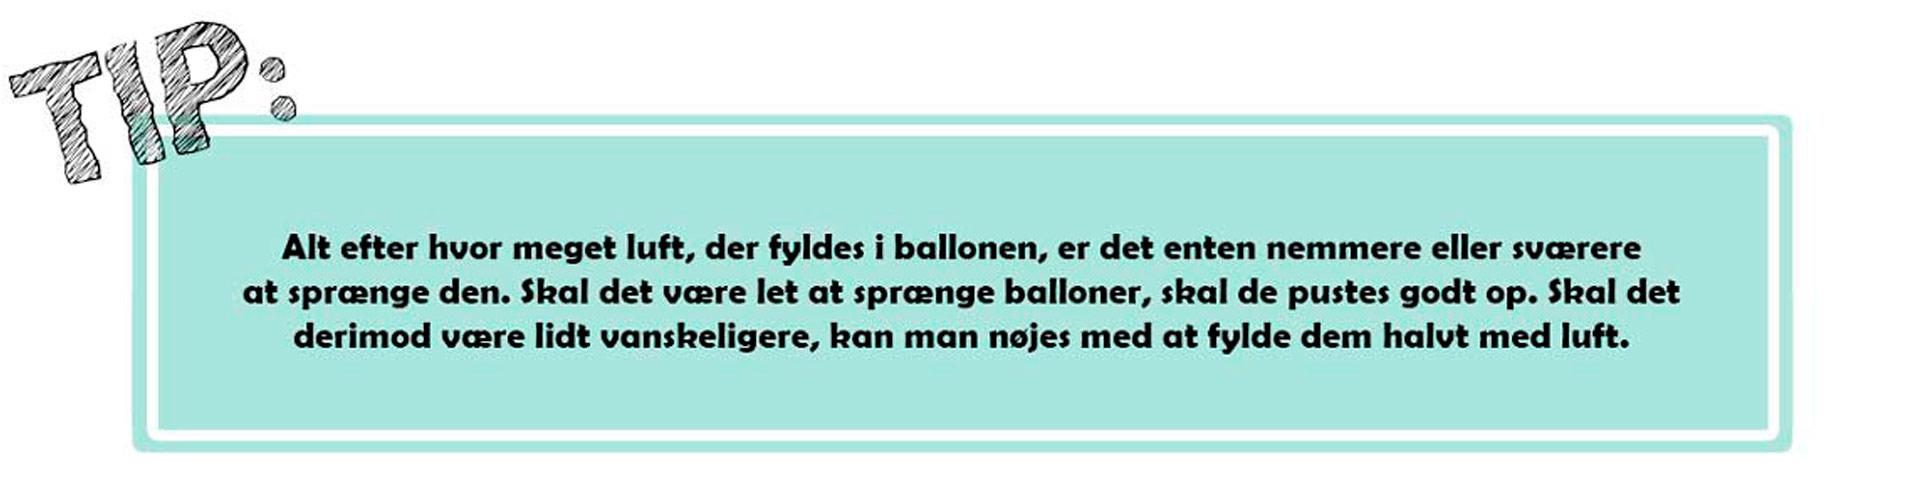 Ballon tips til ballondans